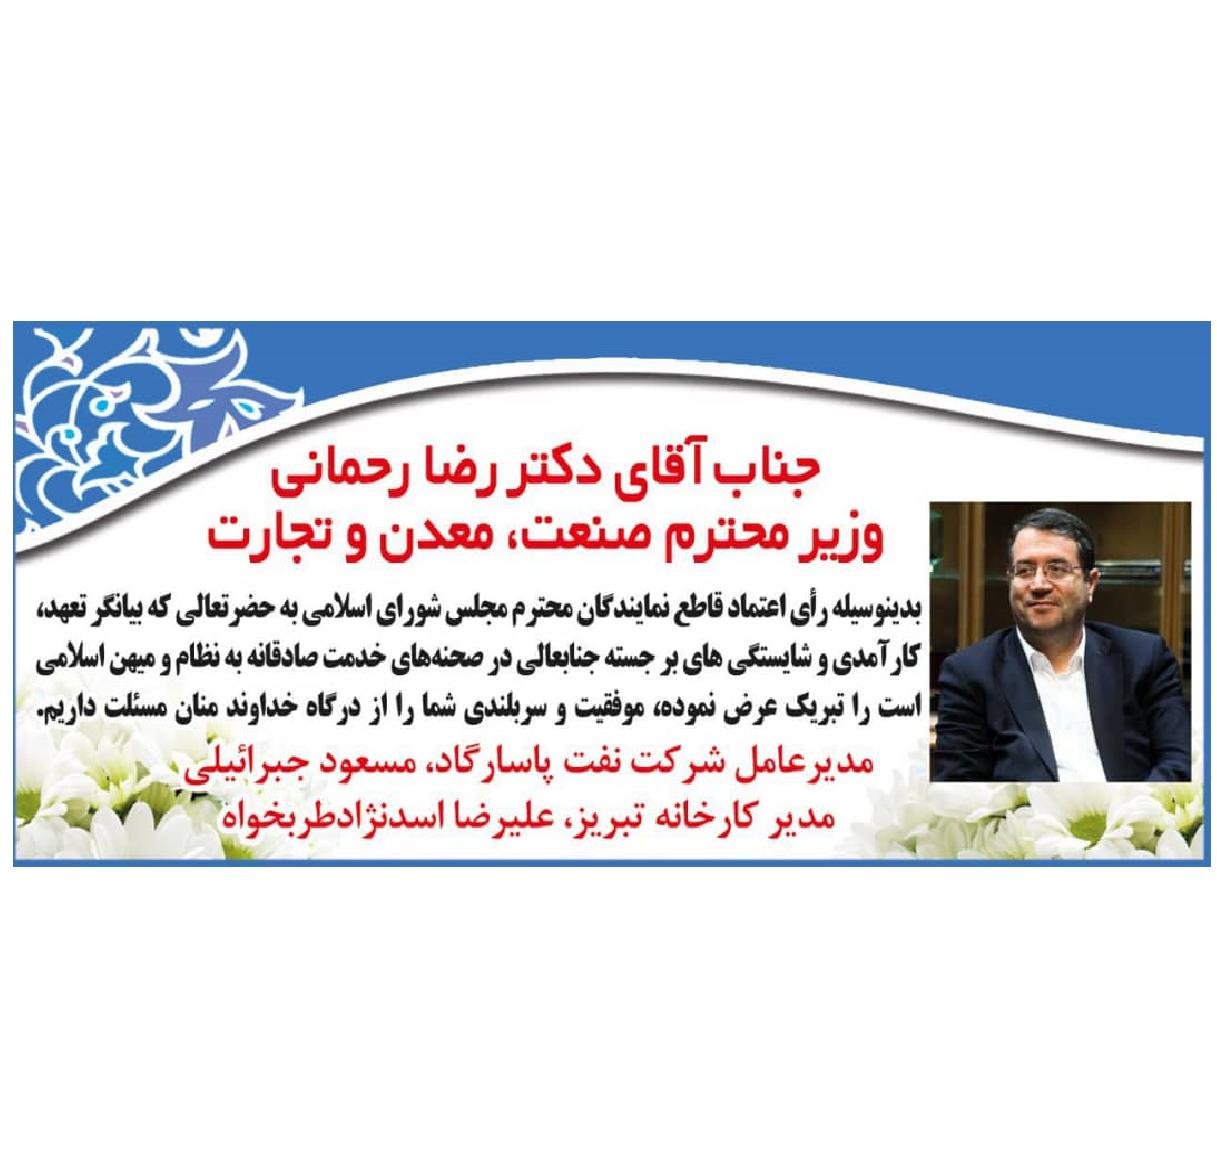 پیام تبریک مدیران شرکت نفت پاسارگاد به مناسبت انتخاب وزیر صنعت